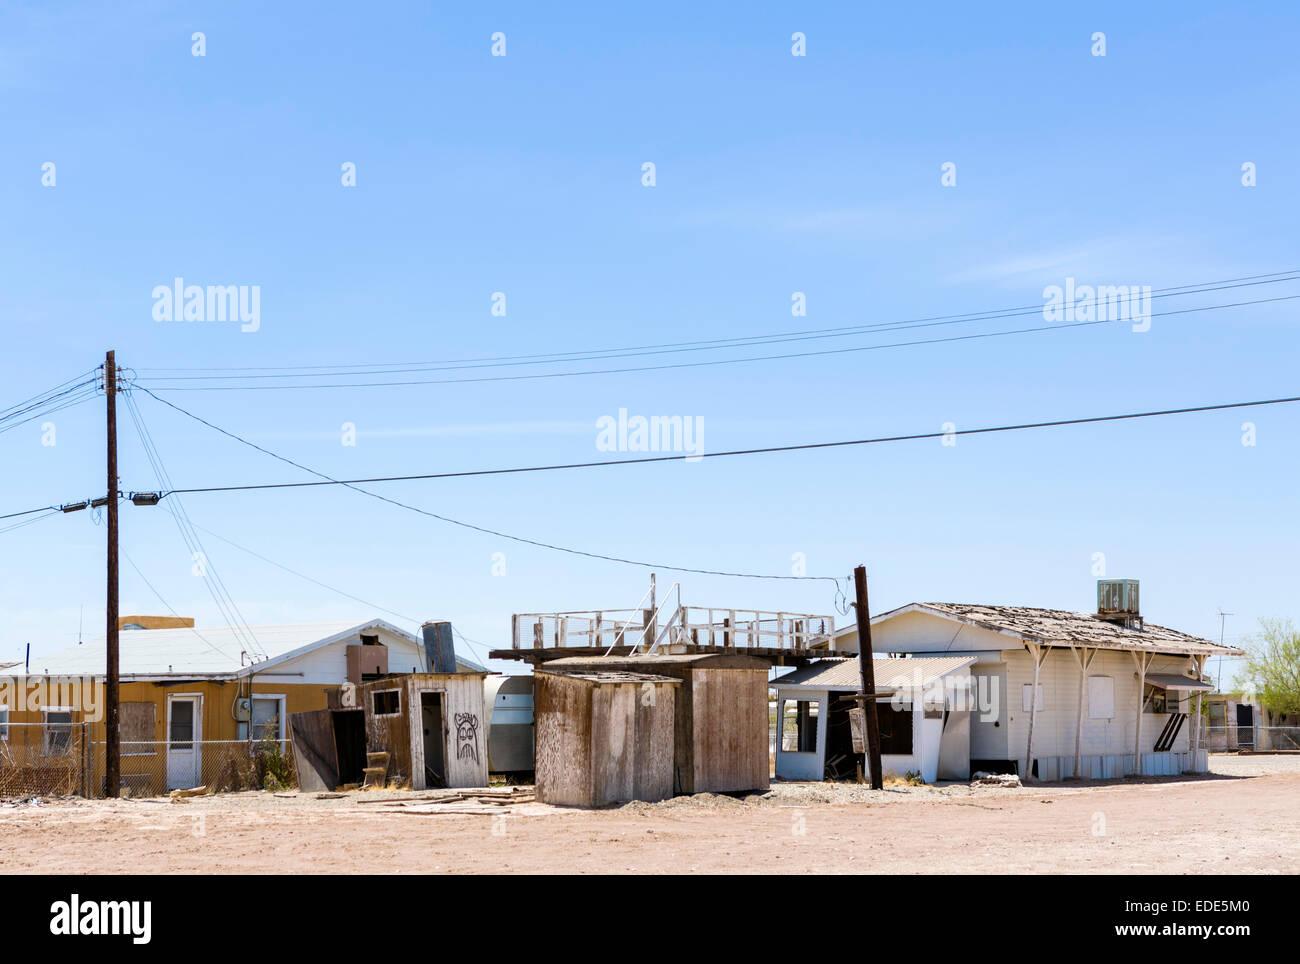 Case a Bombay Beach sul Salton Sea, Imperial County, California, Stati Uniti d'America Immagini Stock